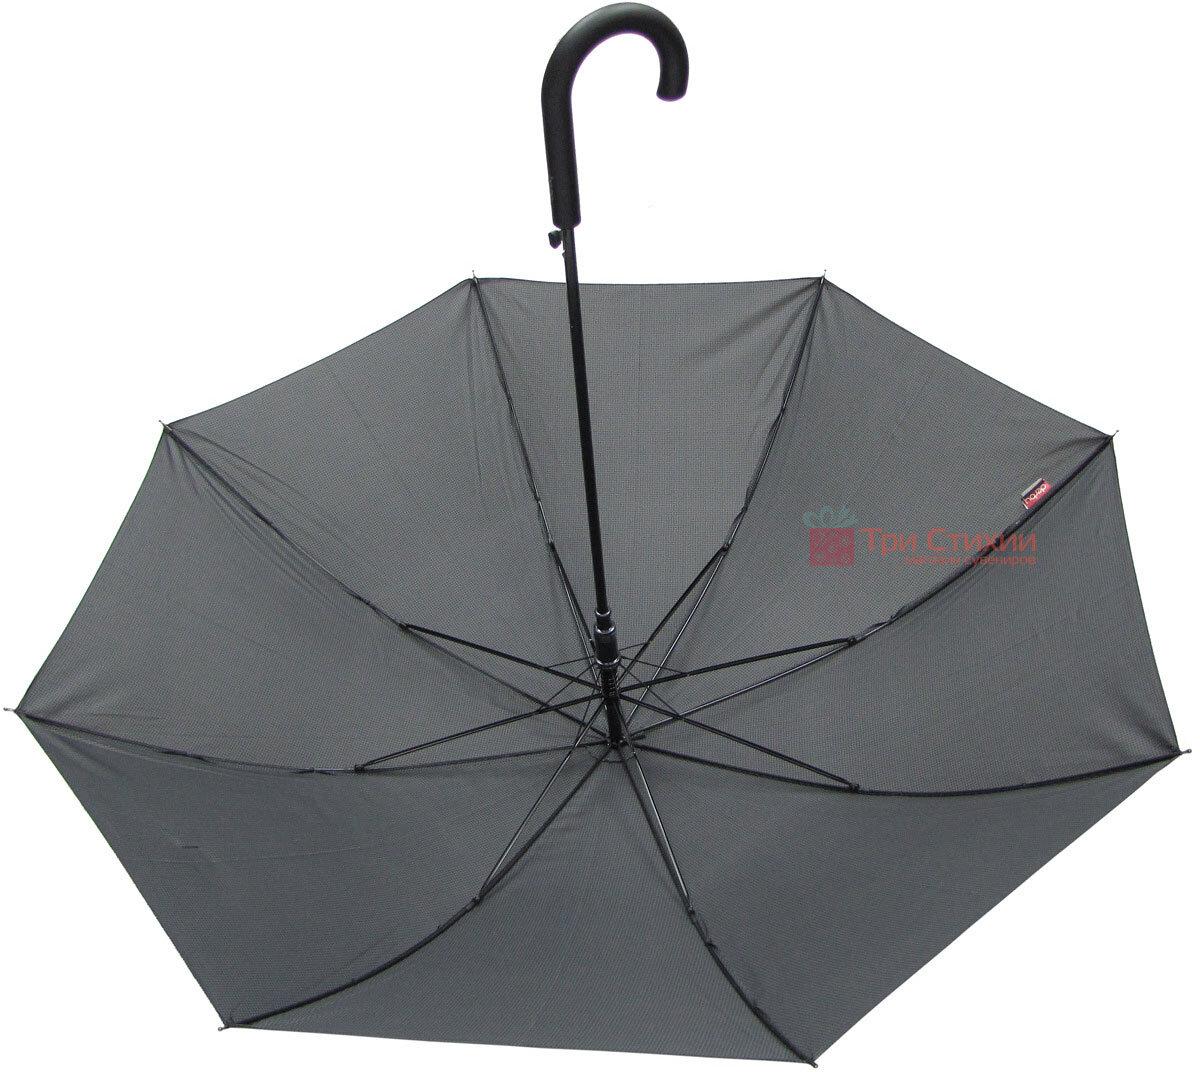 Зонт-трость Derby 77167P-3 полуавтомат Мелкая клетка, фото 3